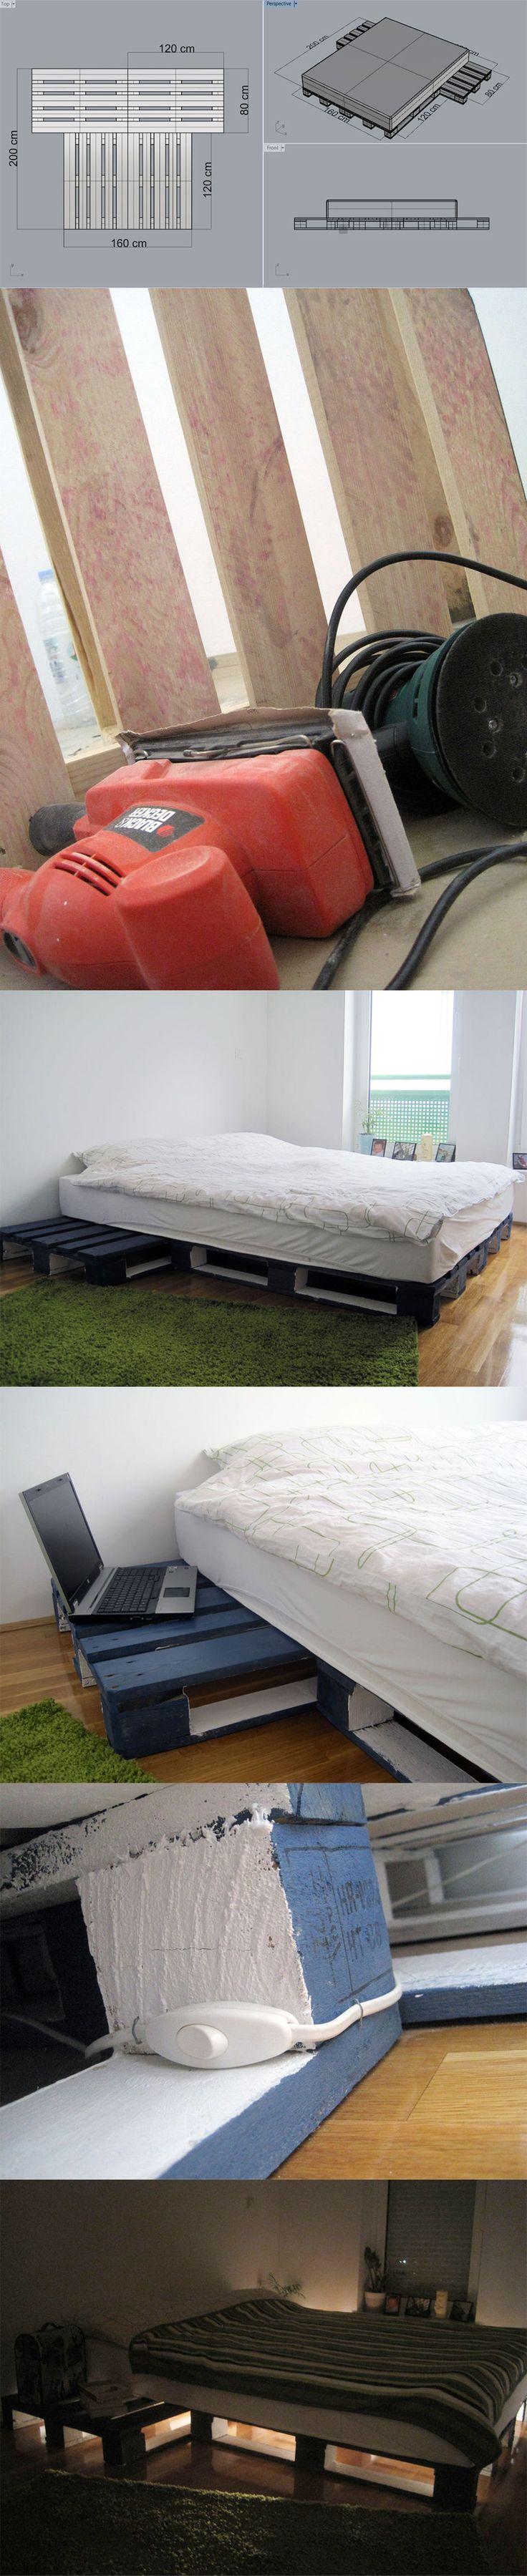 Diy pallet double bed - Cama Hecha Con Pal S